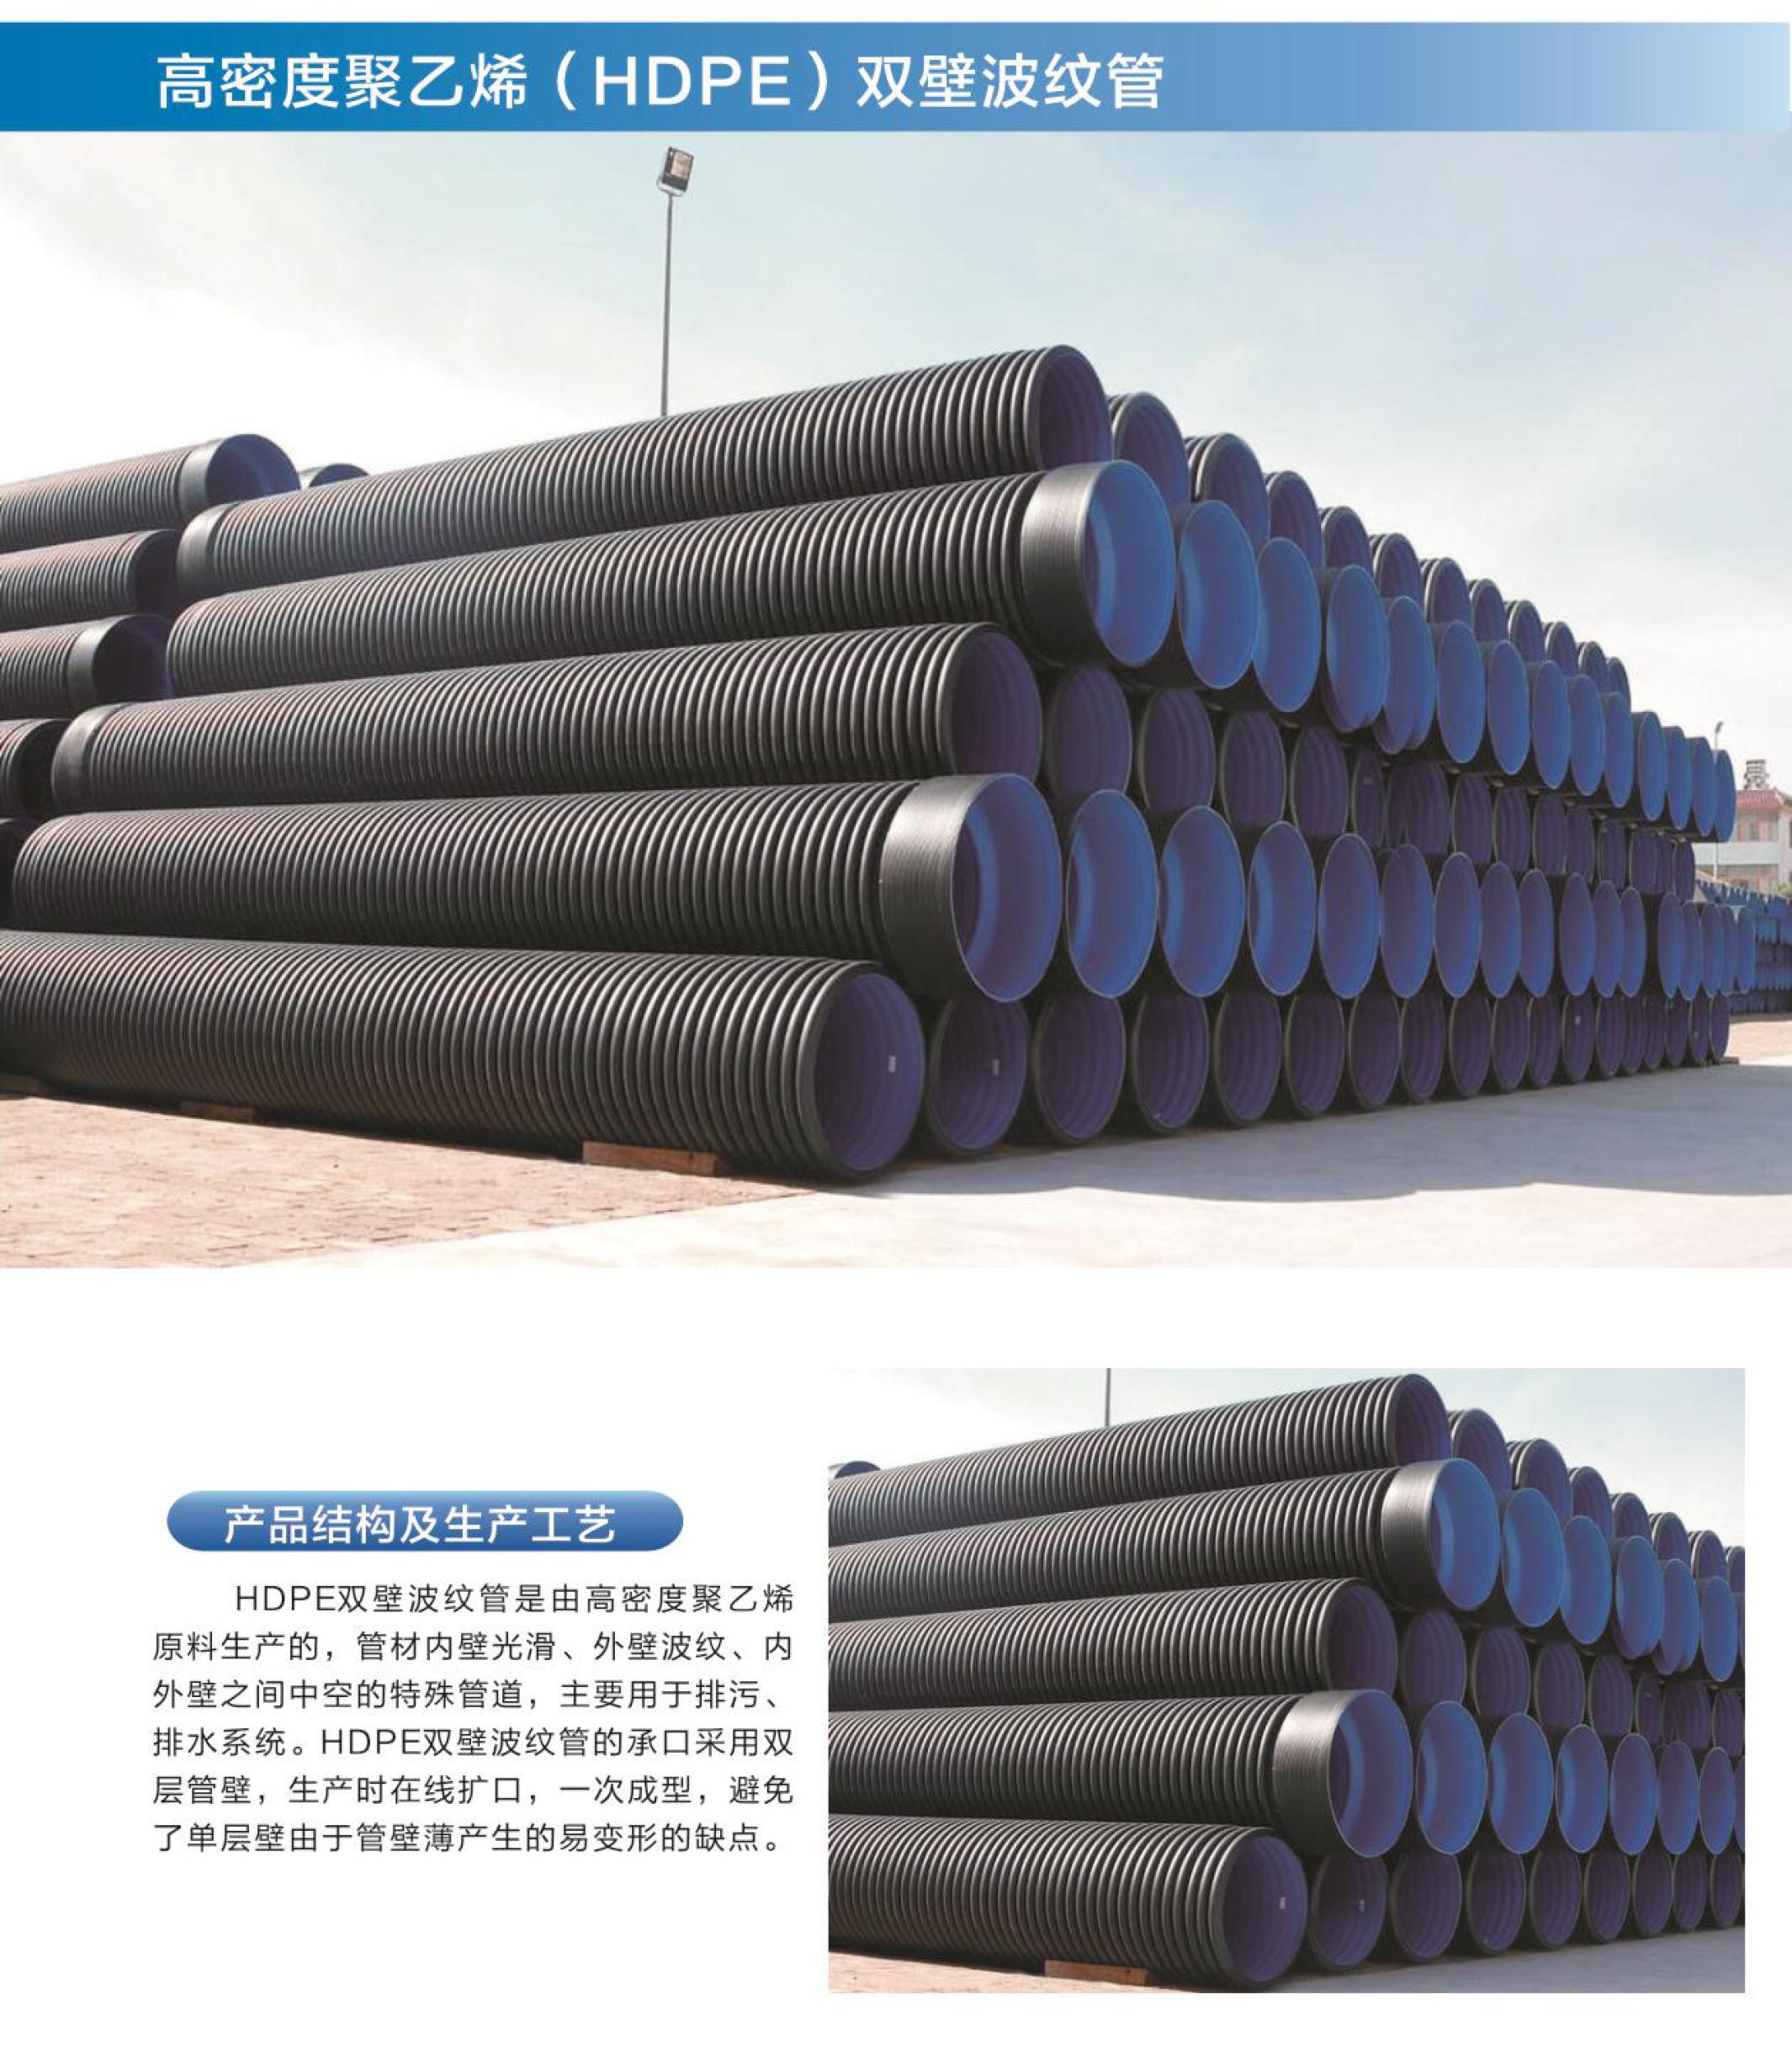 高密度聚乙烯(HDPE )双壁波纹管